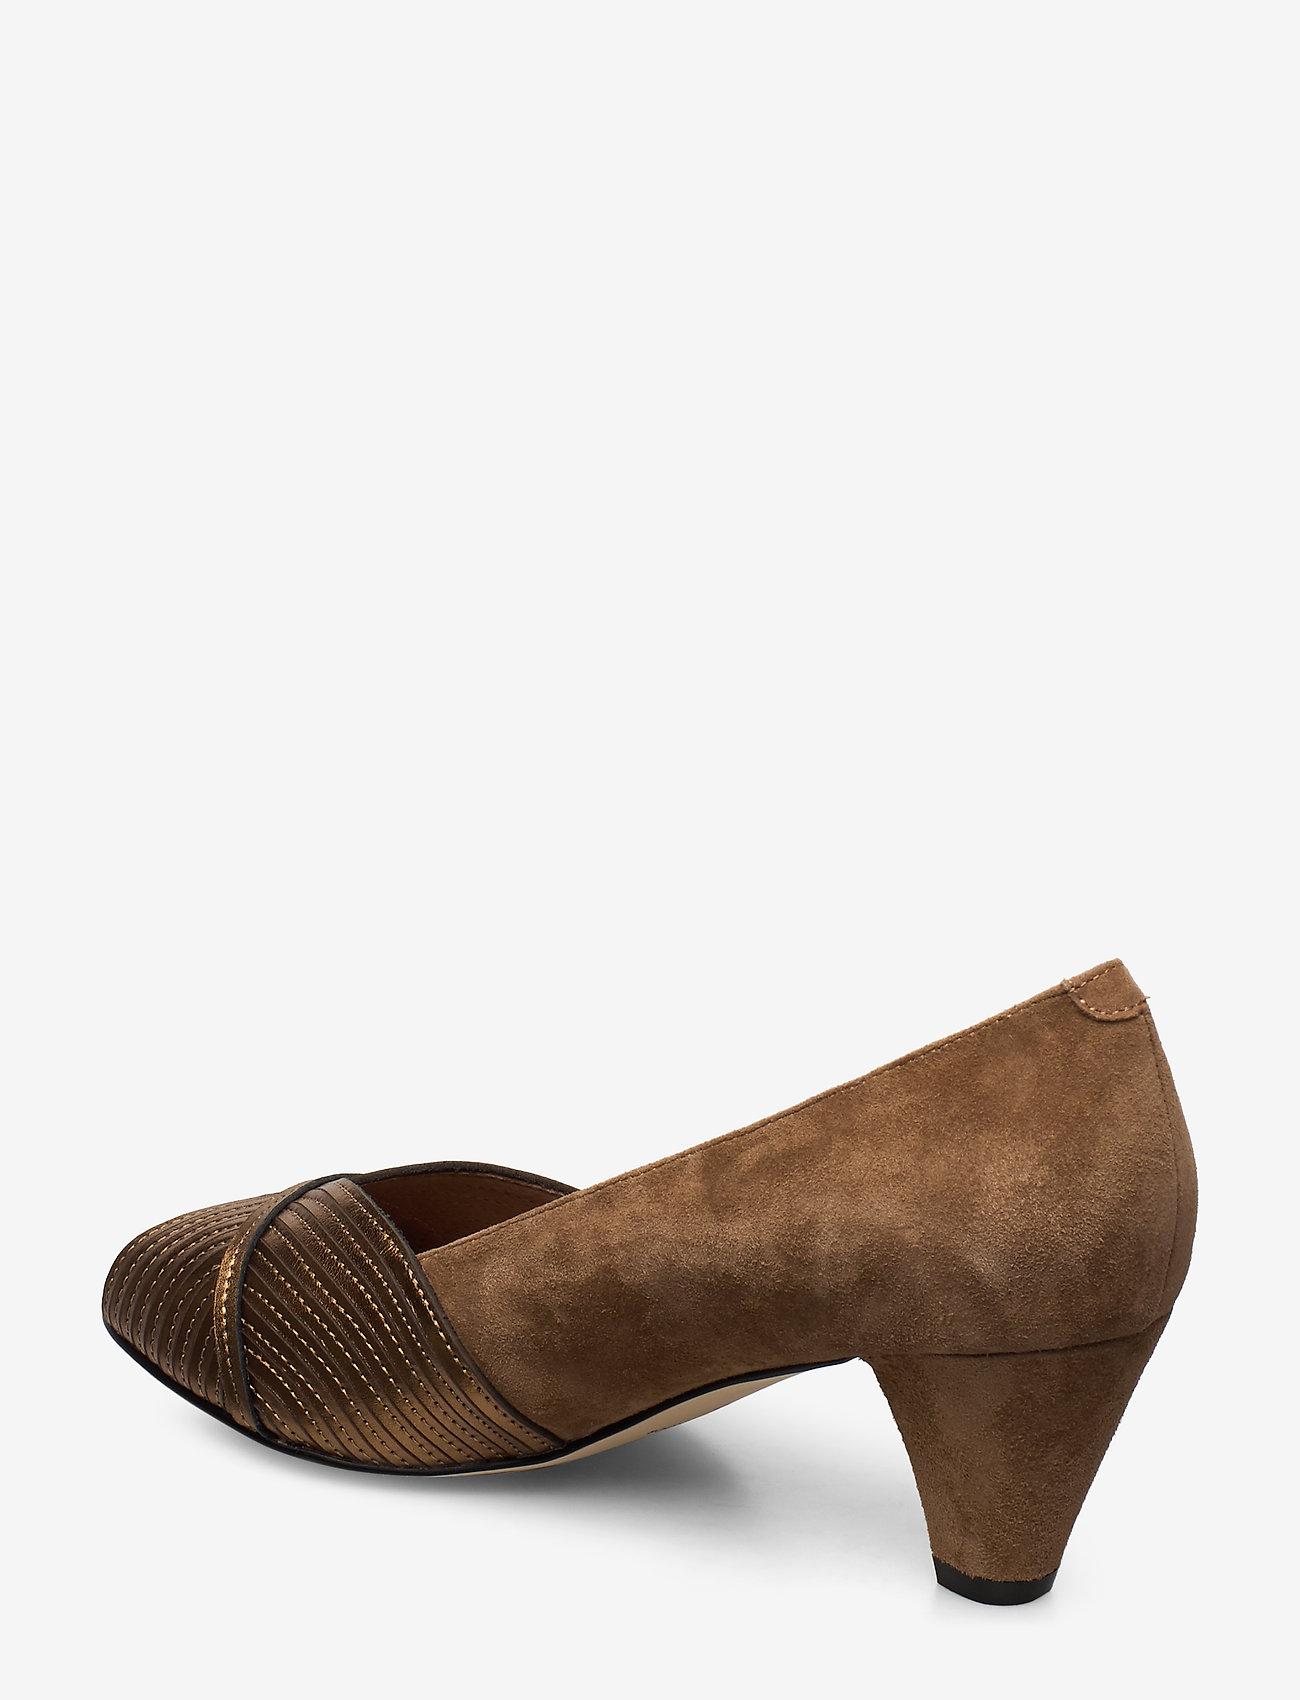 Shoe (Toffee) (115.47 €) - Sofie Schnoor vTAuR